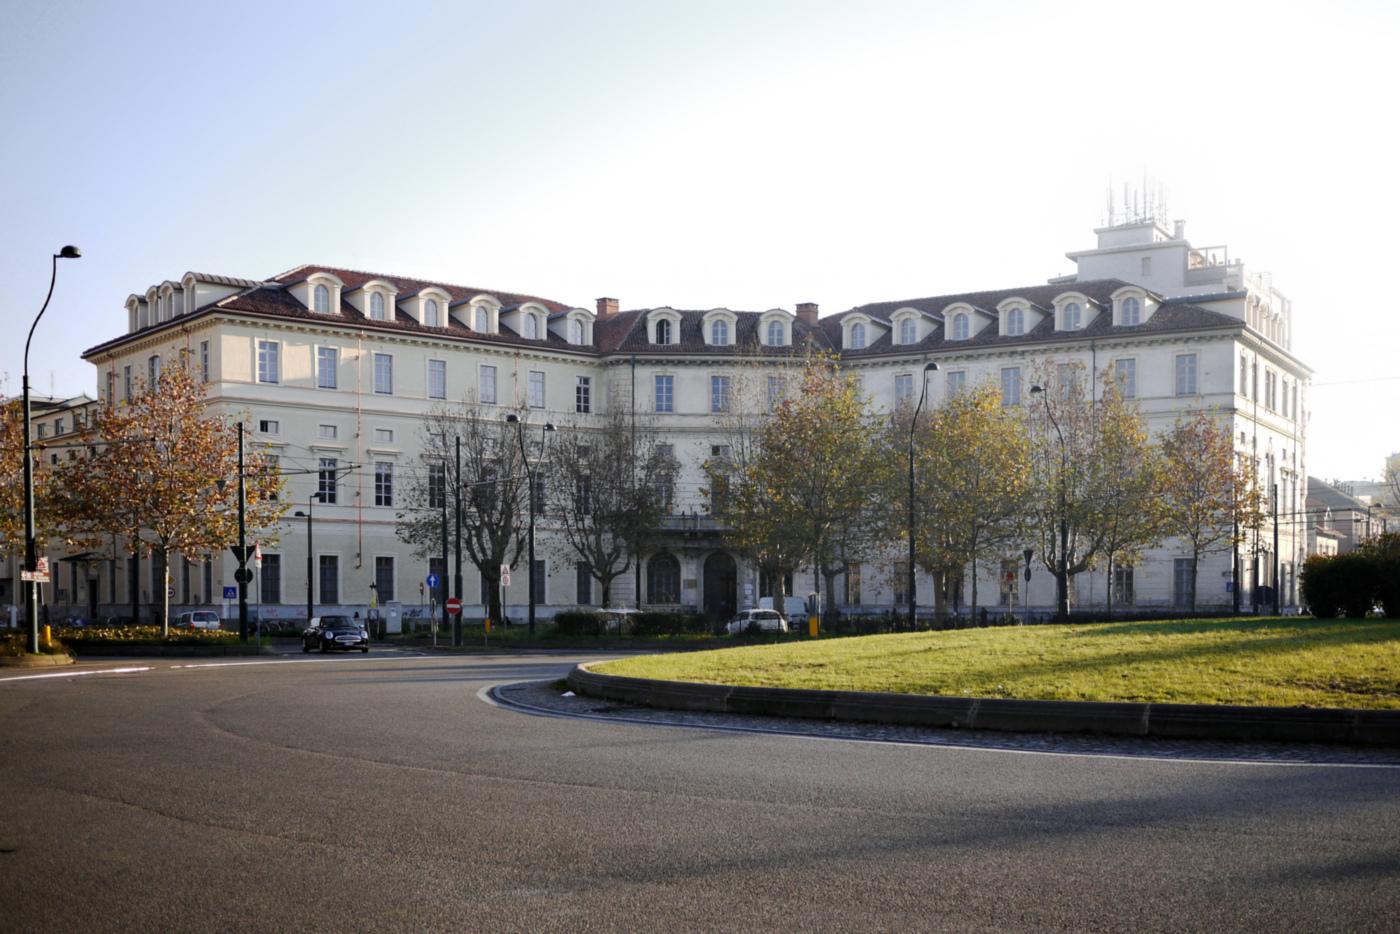 Restauro e trasformazione in uffici di un palazzo ottocentesco. La facciata del palazzo dopo il restauro | Bottega di Architettura